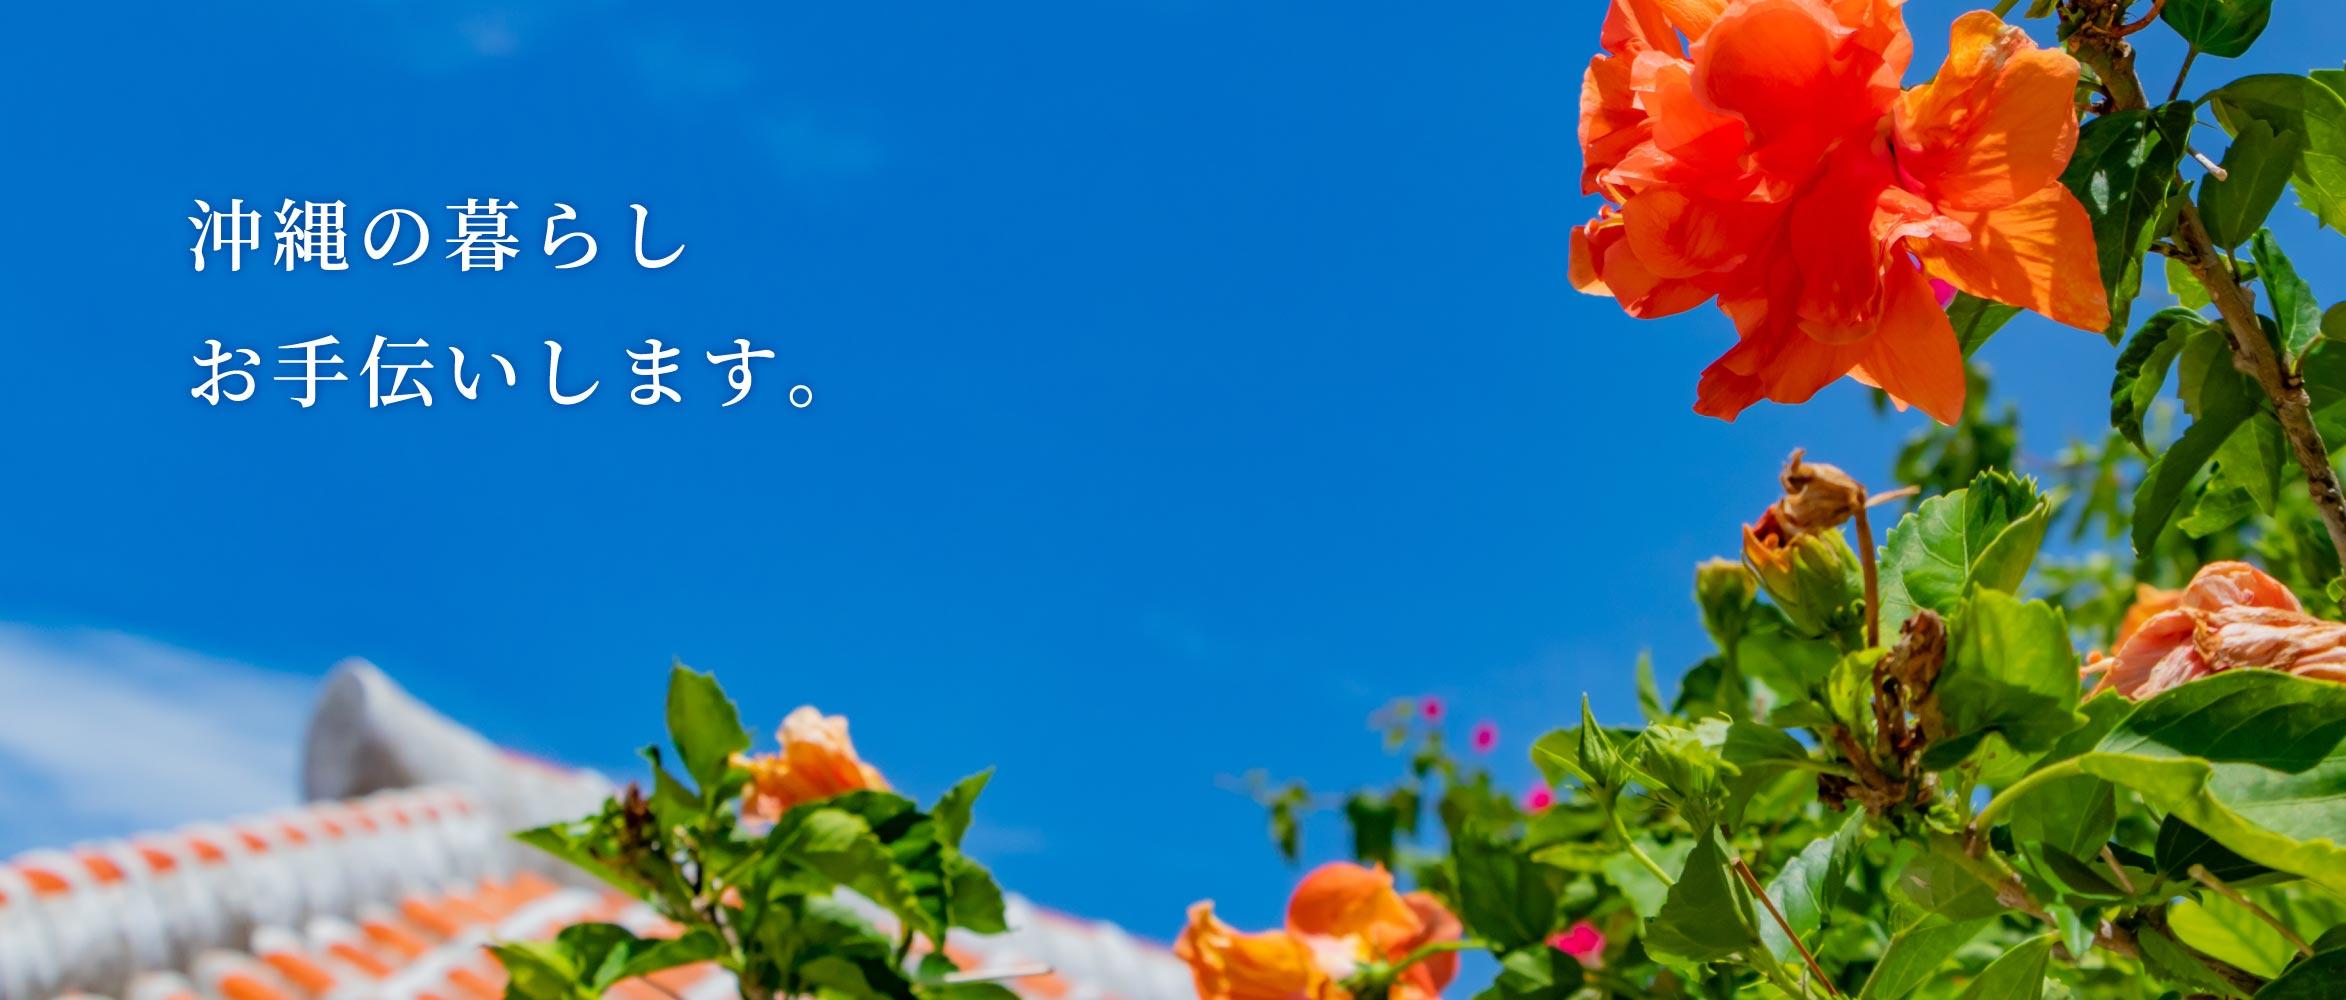 沖縄の暮らしをお手伝いします。